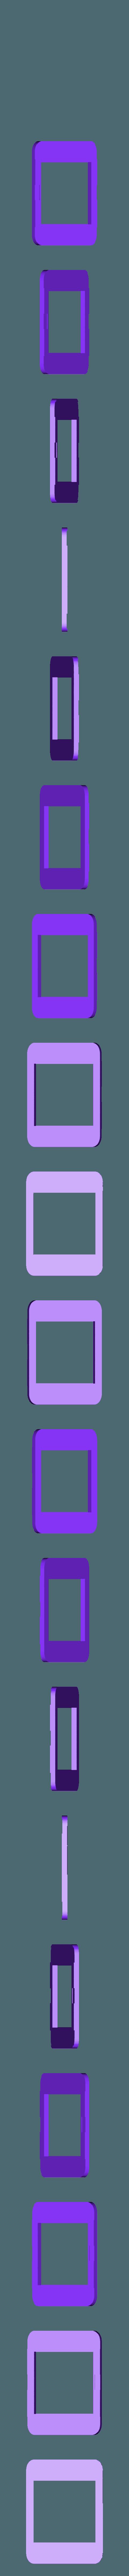 MagicWallet(frame).stl Télécharger fichier STL gratuit Portefeuille magique • Plan pour imprimante 3D, Matlek